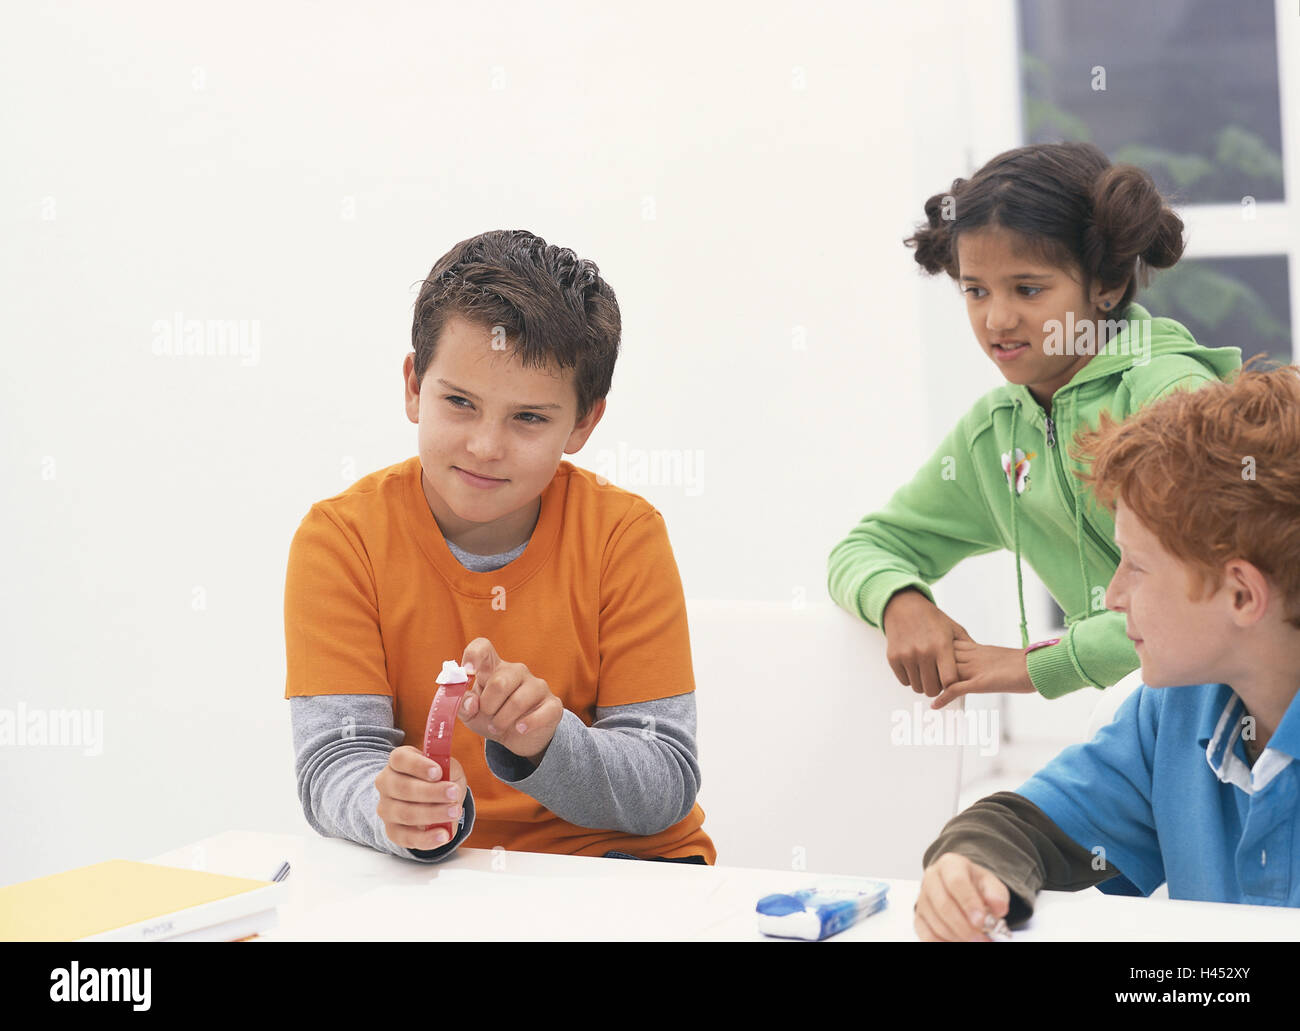 School, classroom, break, schoolboy, paper sphere shoot, high-spirited, school desk, school break, person, children, - Stock Image